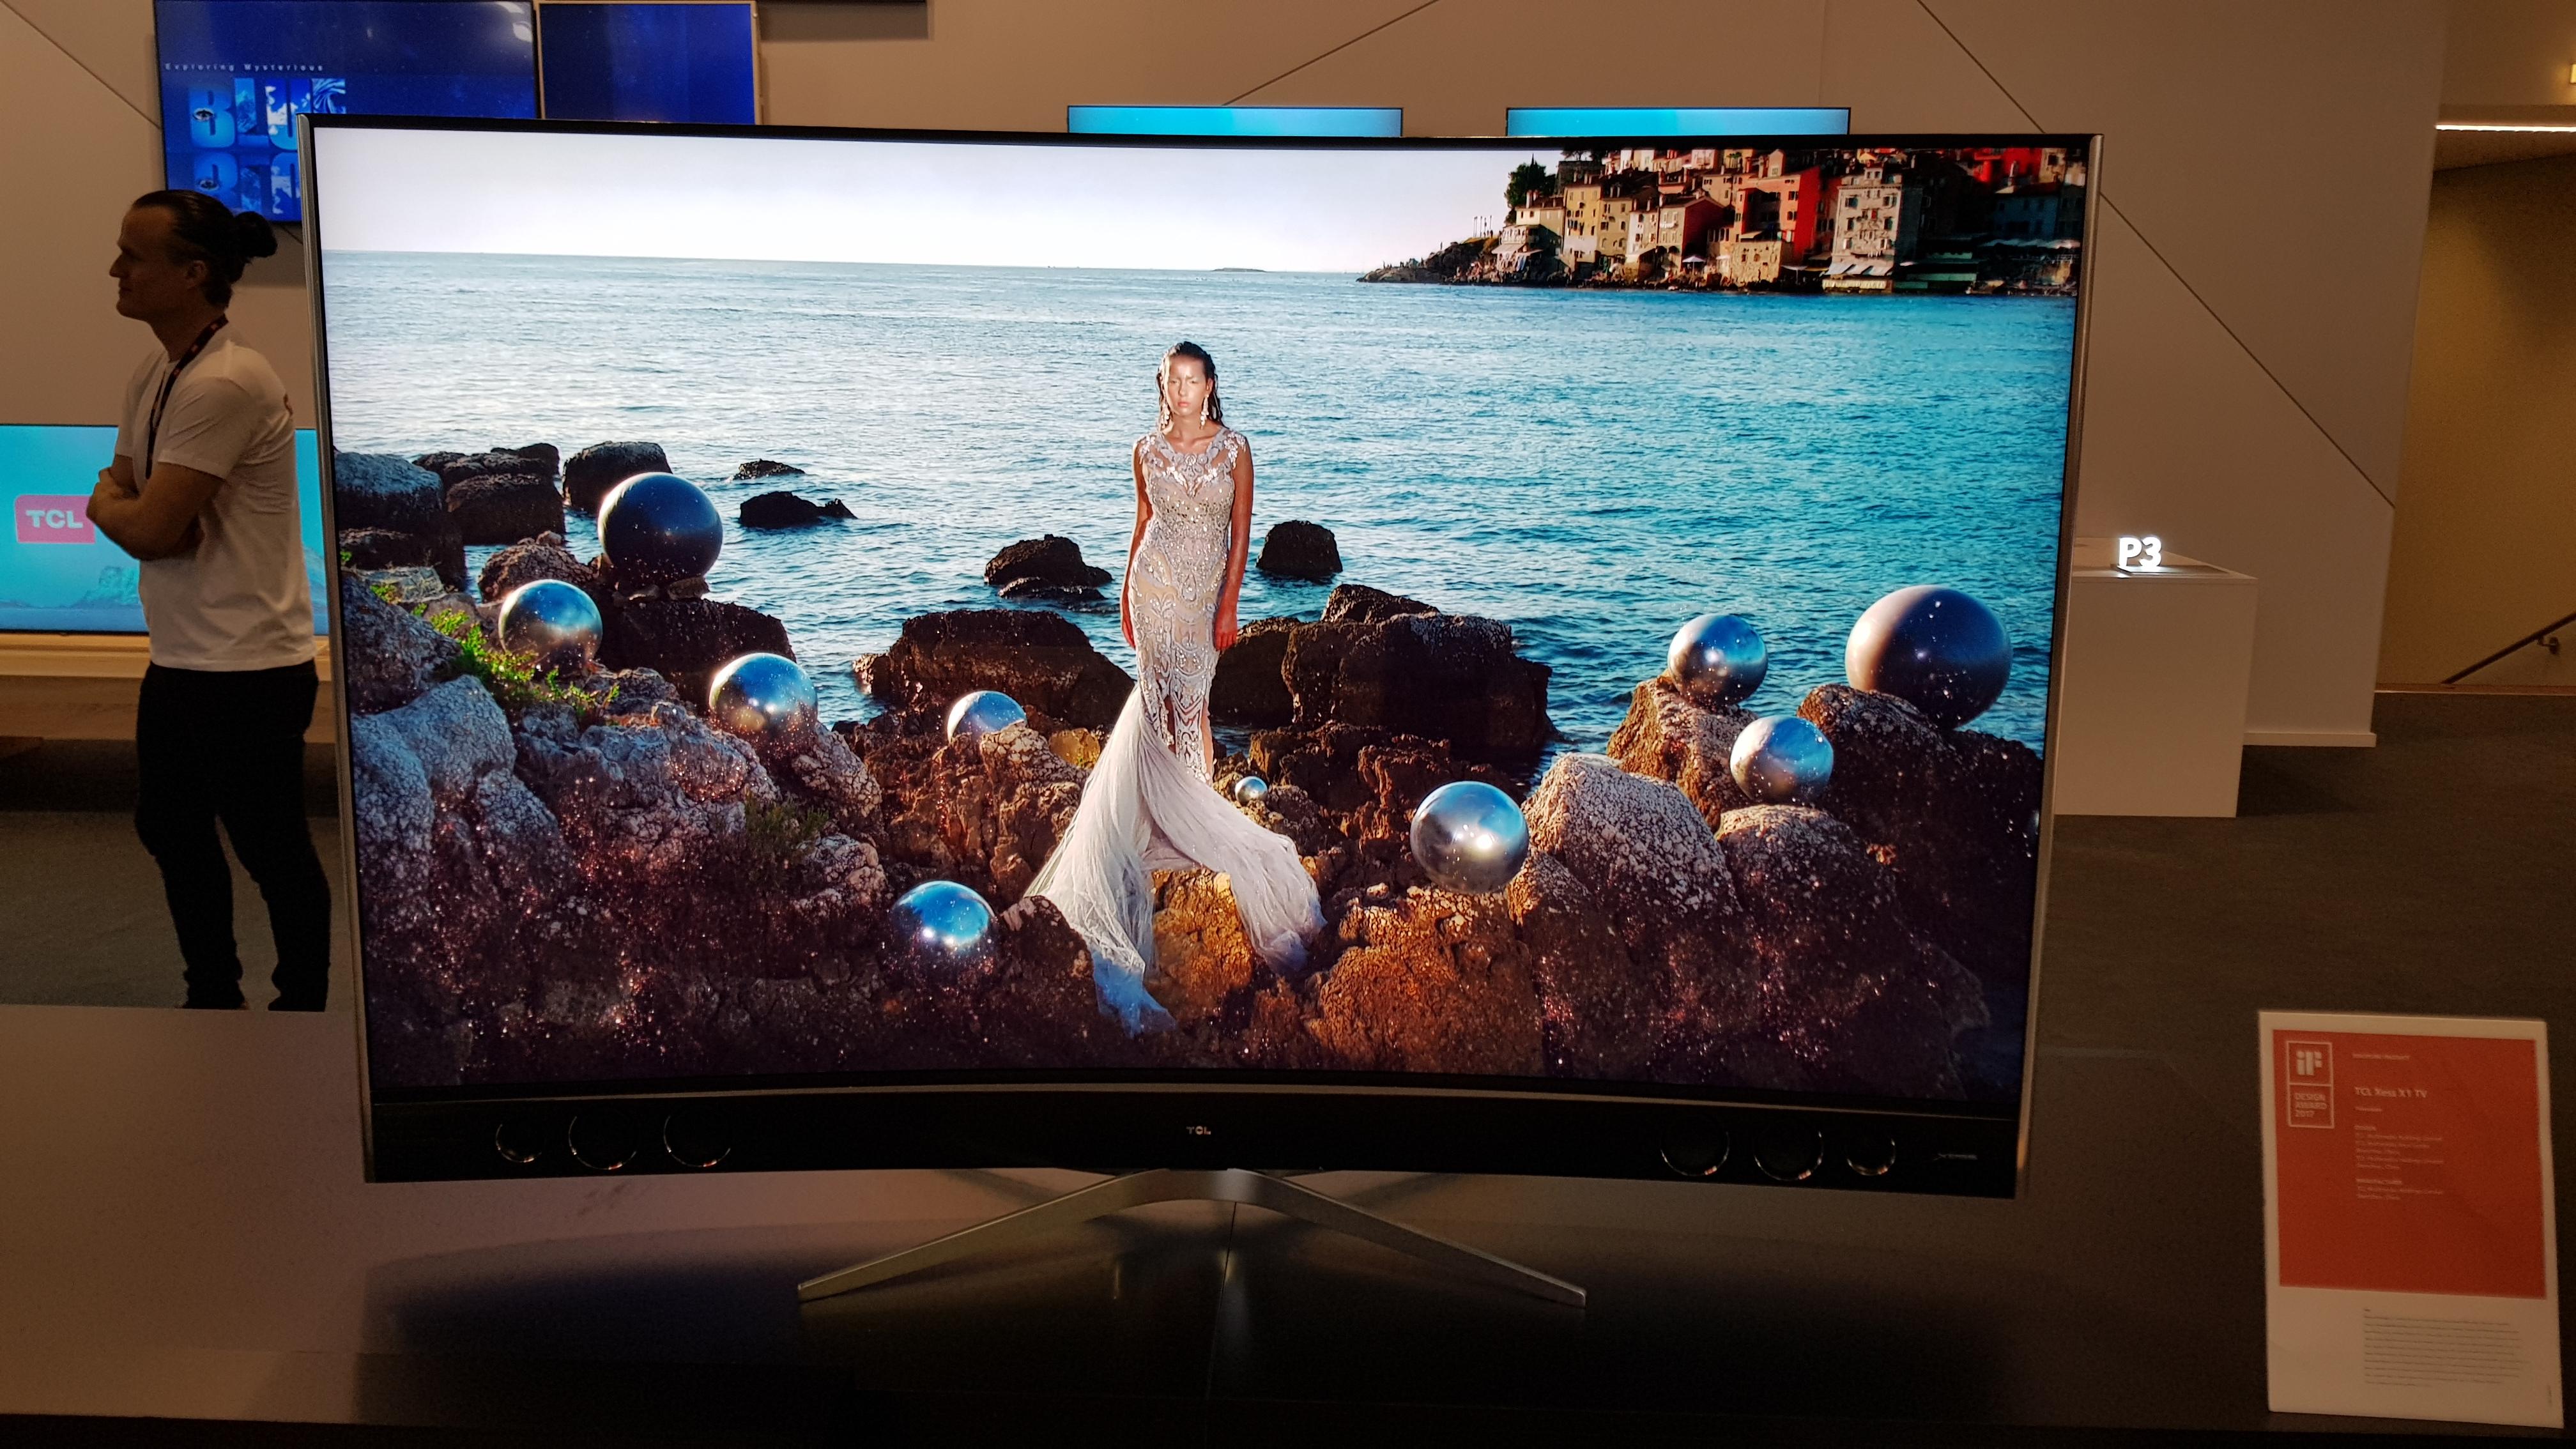 Así se muestra el televisor por delante